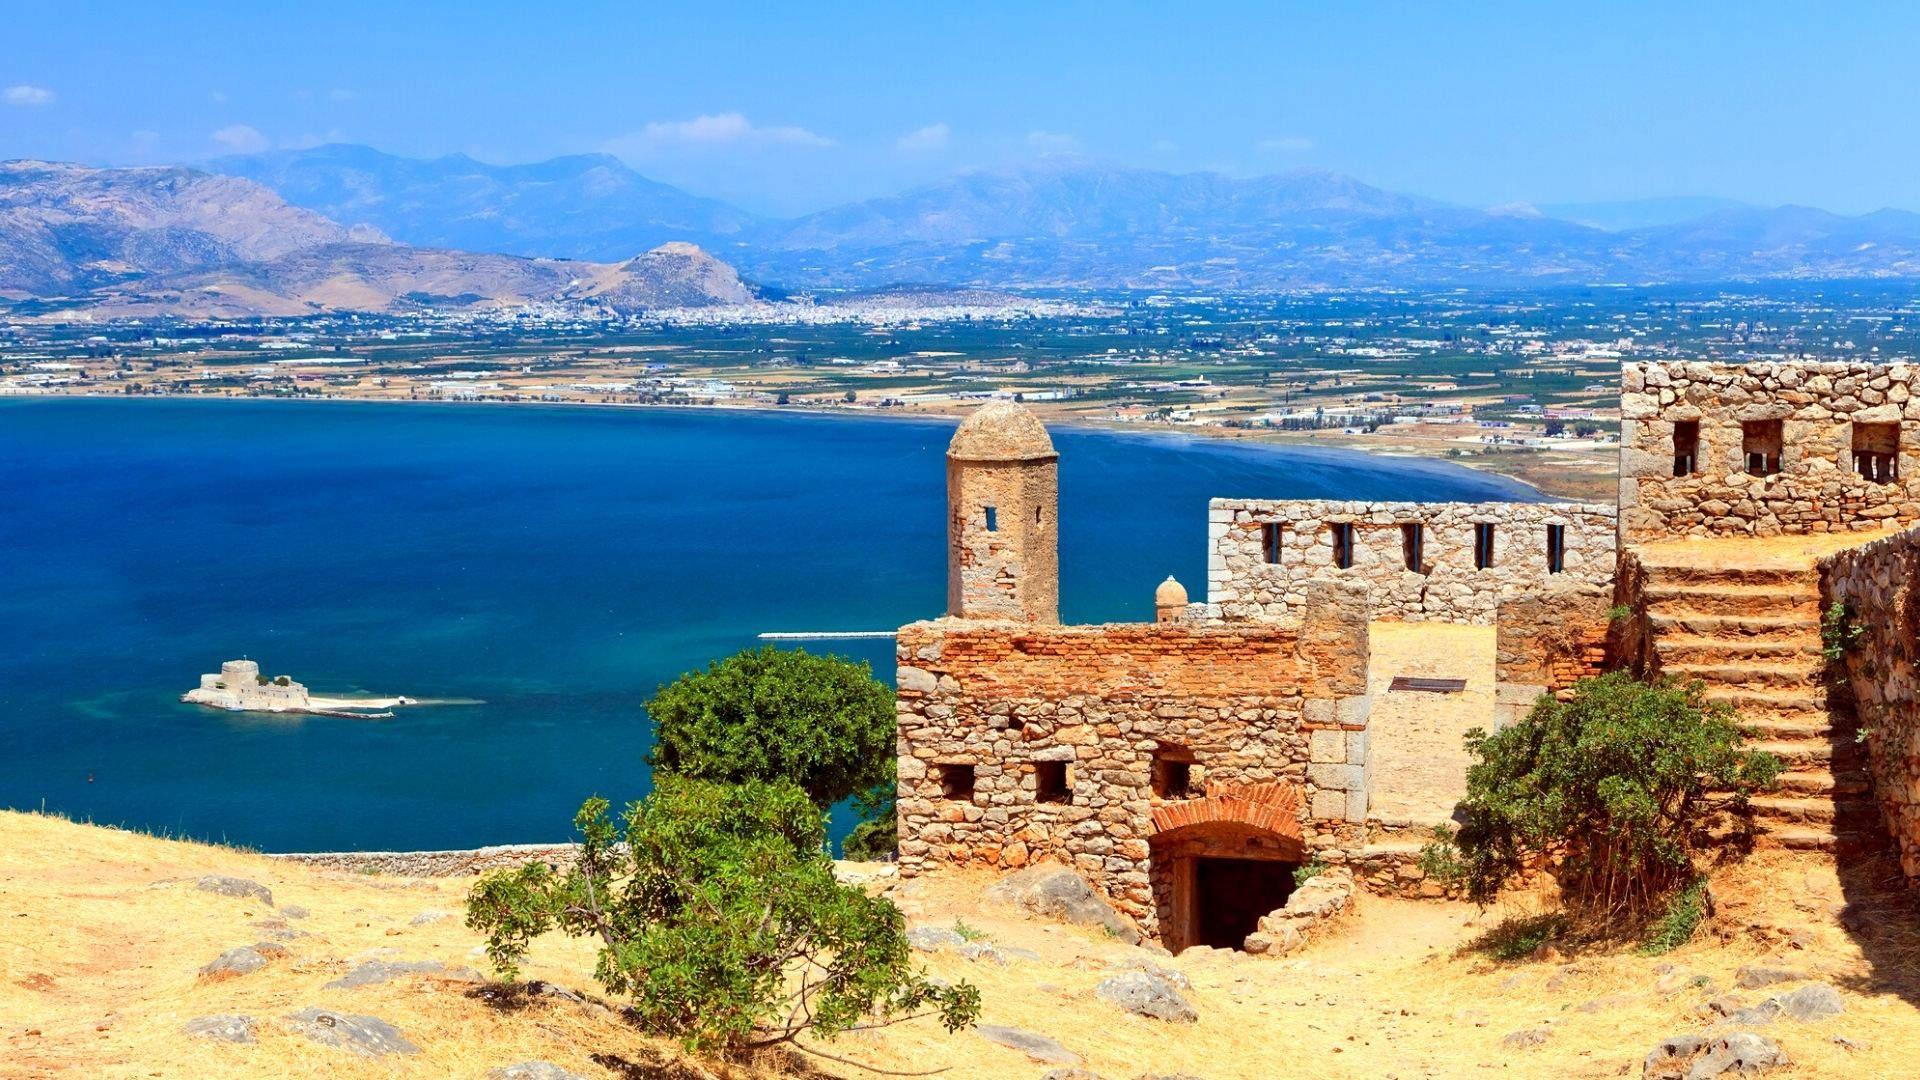 Rekomenduojame aplankyti Nafplijį - romantišką miestą